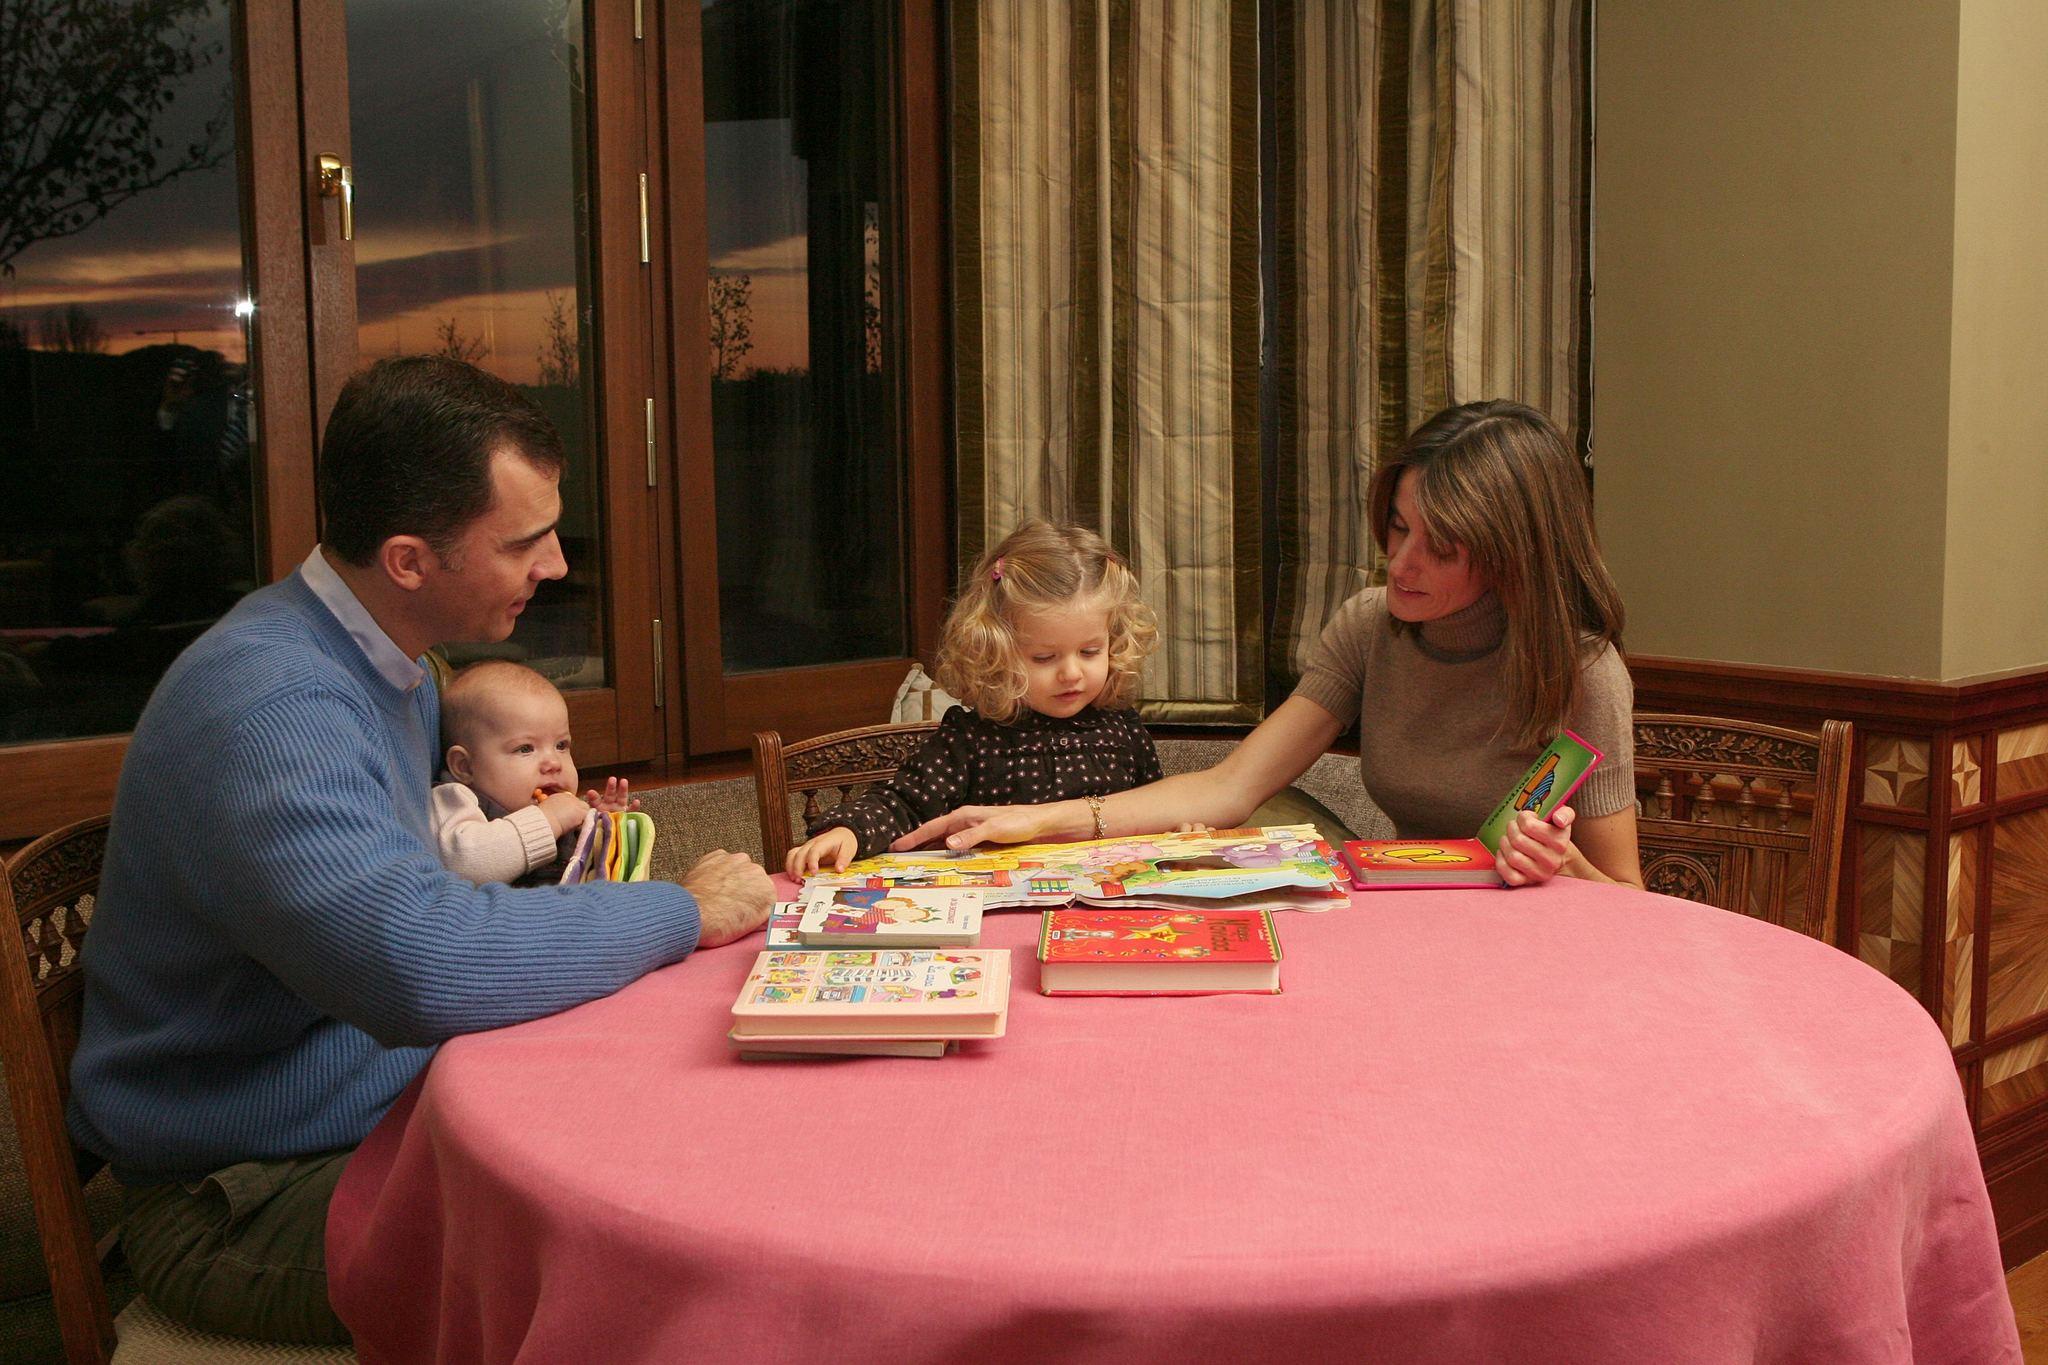 Los entonces Príncpes con sus hijas en un salón de su casa en el año 2007